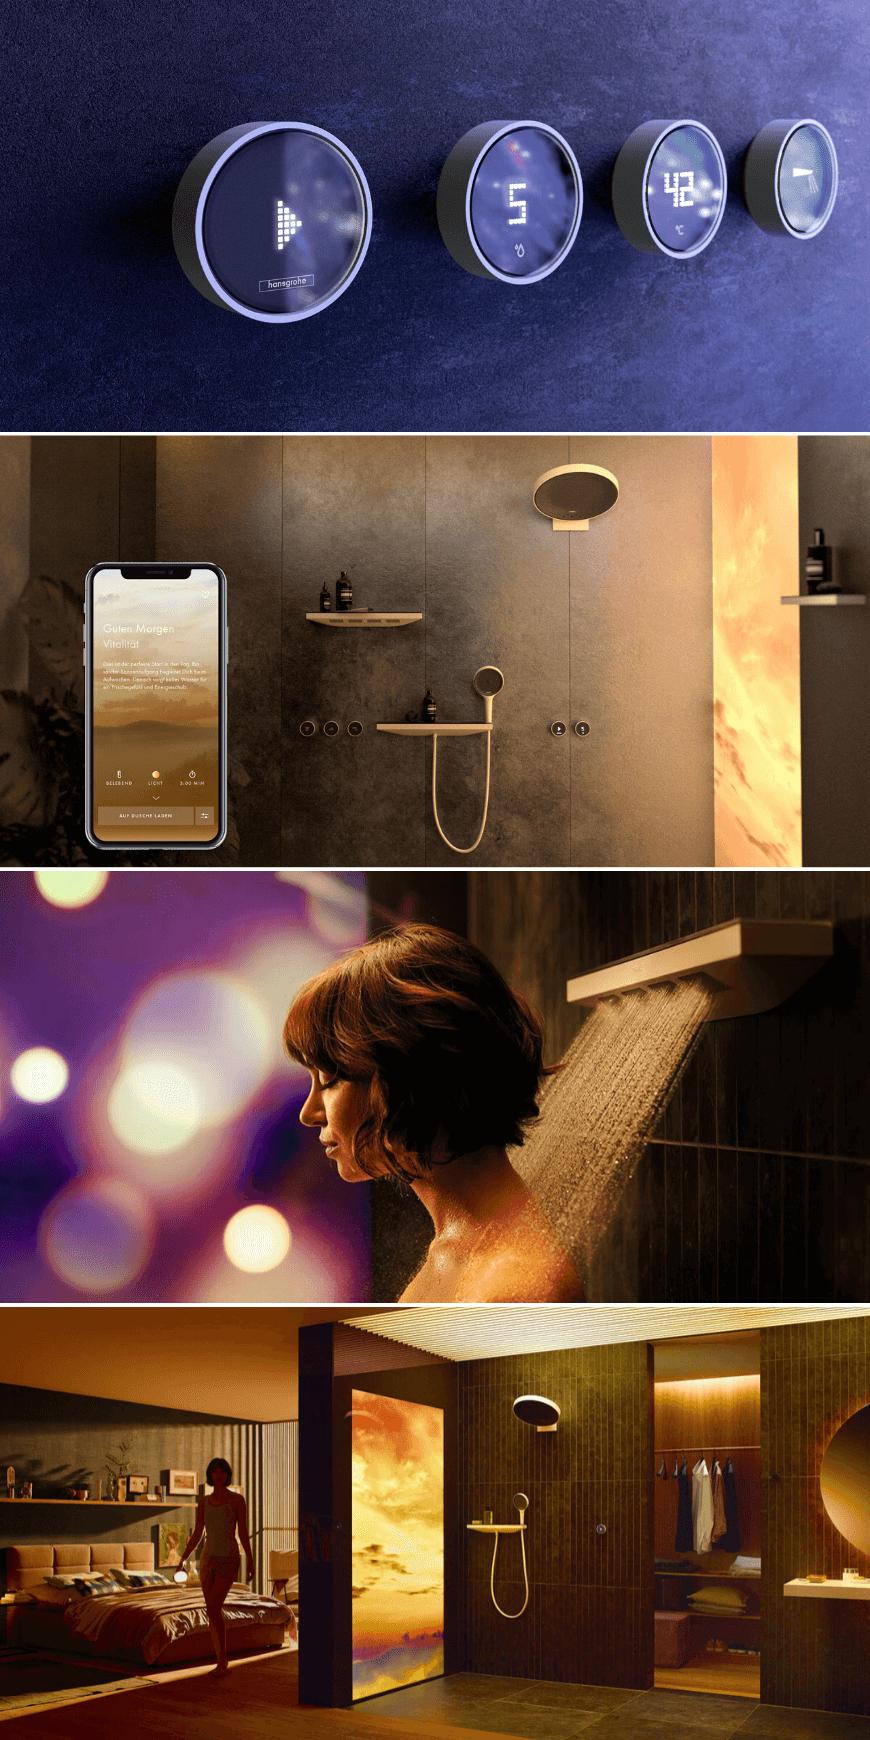 Hansgrohe RainTunes, prysznic stresowany smartfonem. Artykuł HOFF - Armatura przyszłości. Armatura HOFF. Baterie prysznicowe HOFF.